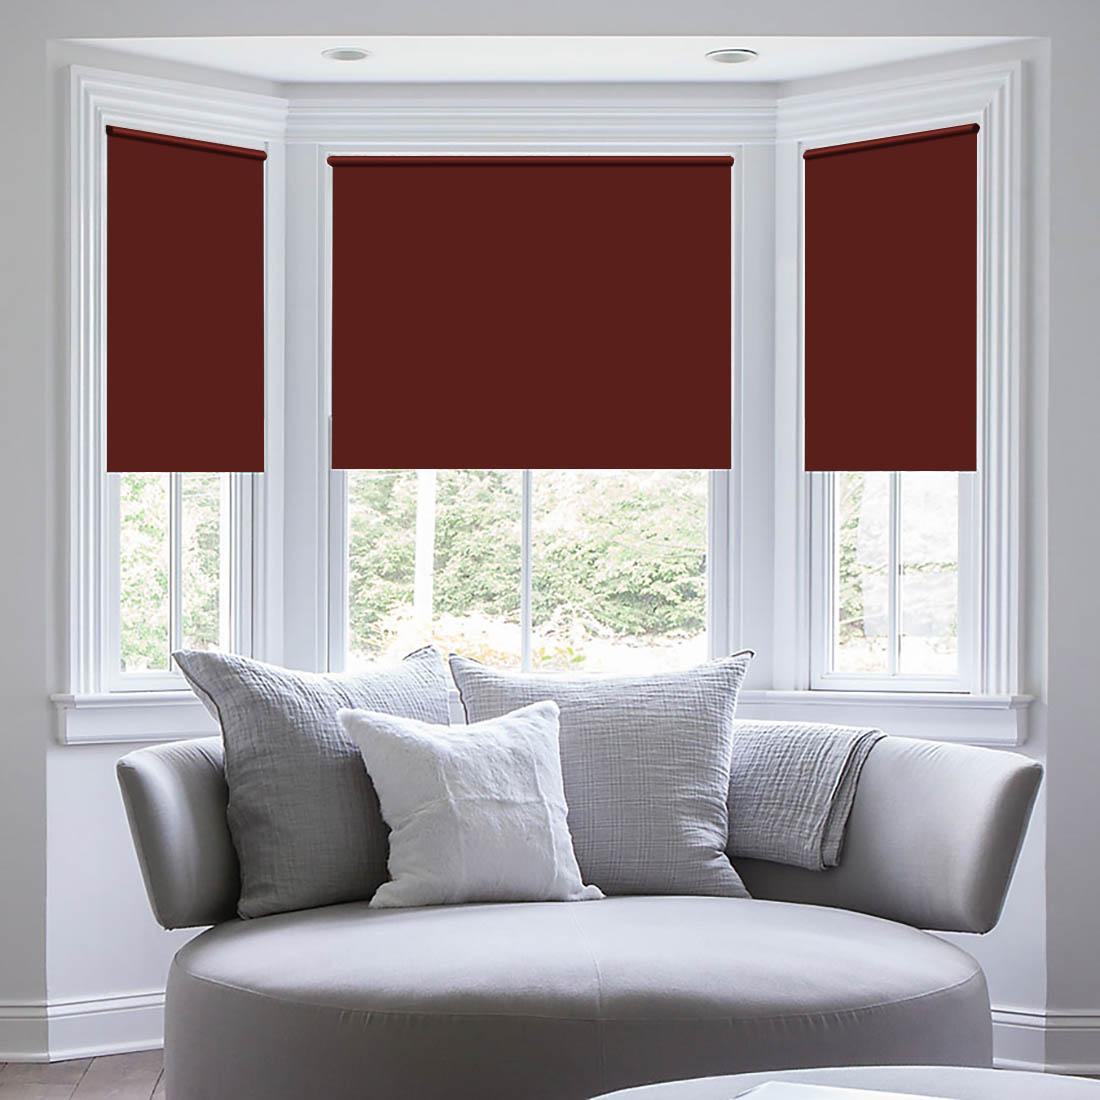 Штора рулонная Sleep iX Eclipce, цвет: красный, серебристый, высота 172 см, ширина 62 смpva314178Blackout трехслойная светонепроницаемая ткань, из полиэфирного волокна с двойным сатиновым переплетением. Ткань Blackout по своим внешним признакам фактически не отличается от обычной драпировочной ткани, но обладает уникальным свойством: она практически не пропускает свет. Благодаря этому можно добиться полного затемнения, так часто необходимого для спального помещения. Так как сама ткань довольно плотная, она отлично сохраняет тепло в помещении! Blackout выступает барьером создавая в зоне окна тепловой занавес, что защитит квартиру от сквозняка и холода. Летом такое положение штор из блэкаута, наоборот, сохранит прохладу внутри помещения, не дав солнечному свету нагревать помещение.Помимо перечисленных свойств, ткань Blackout обладает высокой плотностью, что обеспечивает высокое качество исходного сырья и хорошую износостойкость изделий. Ткань подвергается дополнительной обработке специальным защитным химическим составом, что позволяет шторам не выгорать при солнечном свете, и сохранит от воздействия солнечного света другие предметы интерьера. Уникальные свойства ткани не теряются с течением времени и в процессе ее эксплуатации. Разрешается ручная стирка и деликатная стирка в стиральной машине.Кронштейны - специальные крючки-держатели, которые крепятся на поверхность, а на них крепится штора. Такой вид крепления обычно используется для рулонных, французских, римских или австрийских штор. Кронштейны держат конструкцию из вала (карниза), на котором находится полотно, и механизма подъема/опускания шторы.ВНИМАНИЕ! Комплектация штор может отличаться от представленной на фотографии. Фактическая комплектация указана в описании изделия.Производитель: Sleep iX. Cтрана бренда: Япония. Рулонные шторы. Материал портьеры: Blackout. Состав портьеры: 100% полиэстер. Размер портьеры: 62 х 172 см (1 шт.). Вид крепления: кронштейны. Тип карниза: без использования карниза. Рекомендуемая 